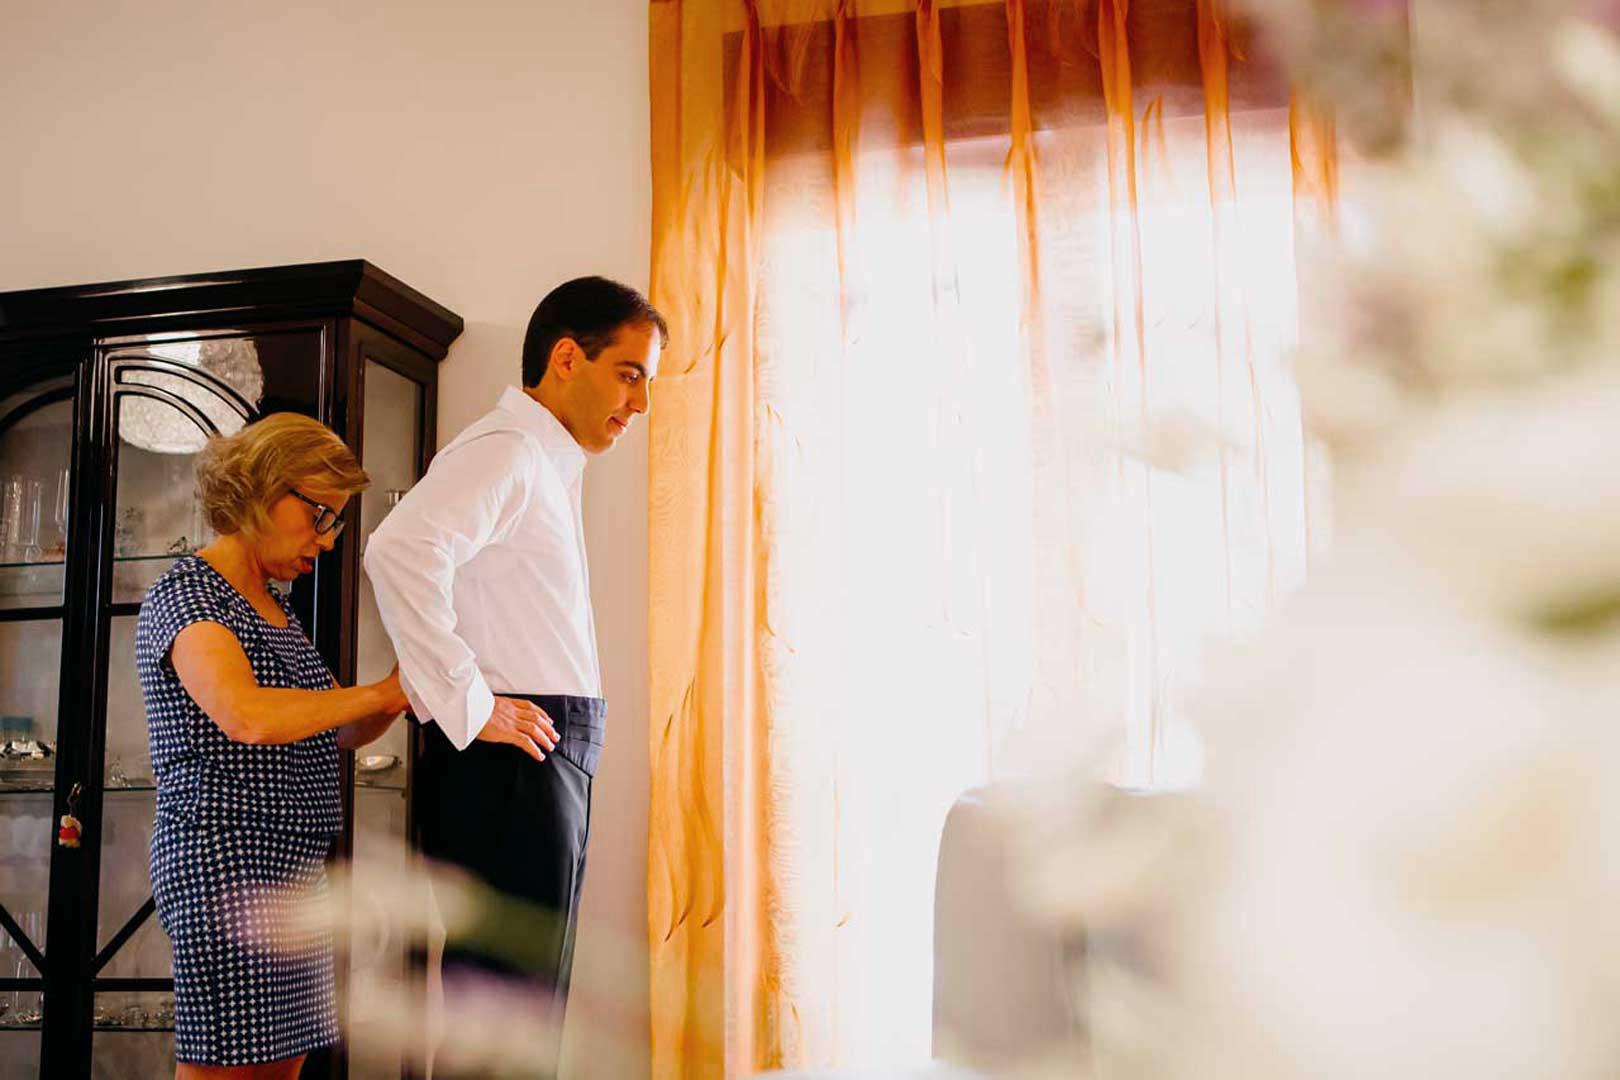 001-vestizione-sposo-matrimonio-gianni-lepore-fotografo